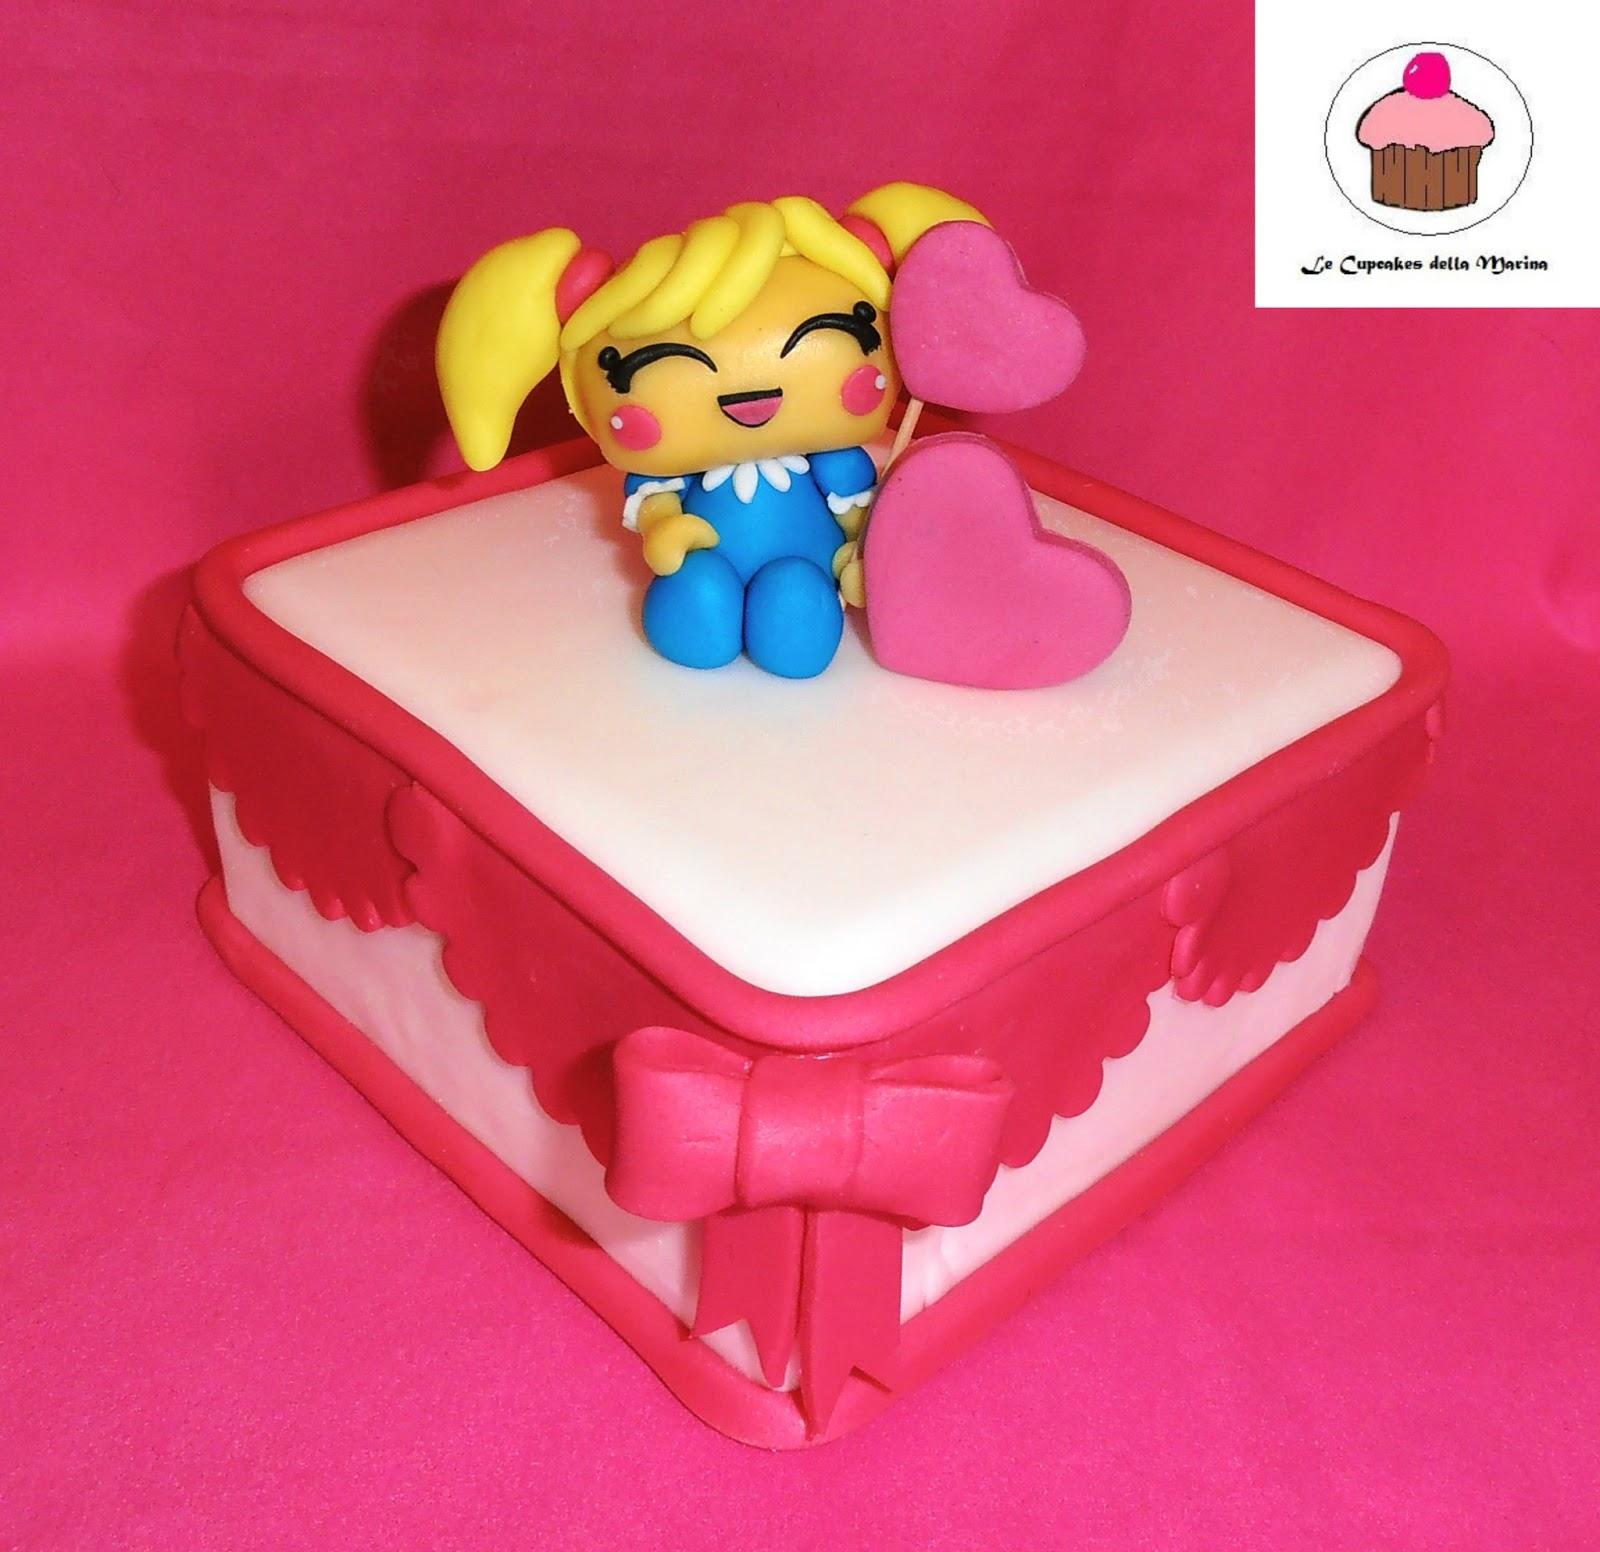 Cake Design Genova : Le Cupcakes della Marina: Corso Cake Design Base Genova 6 ...